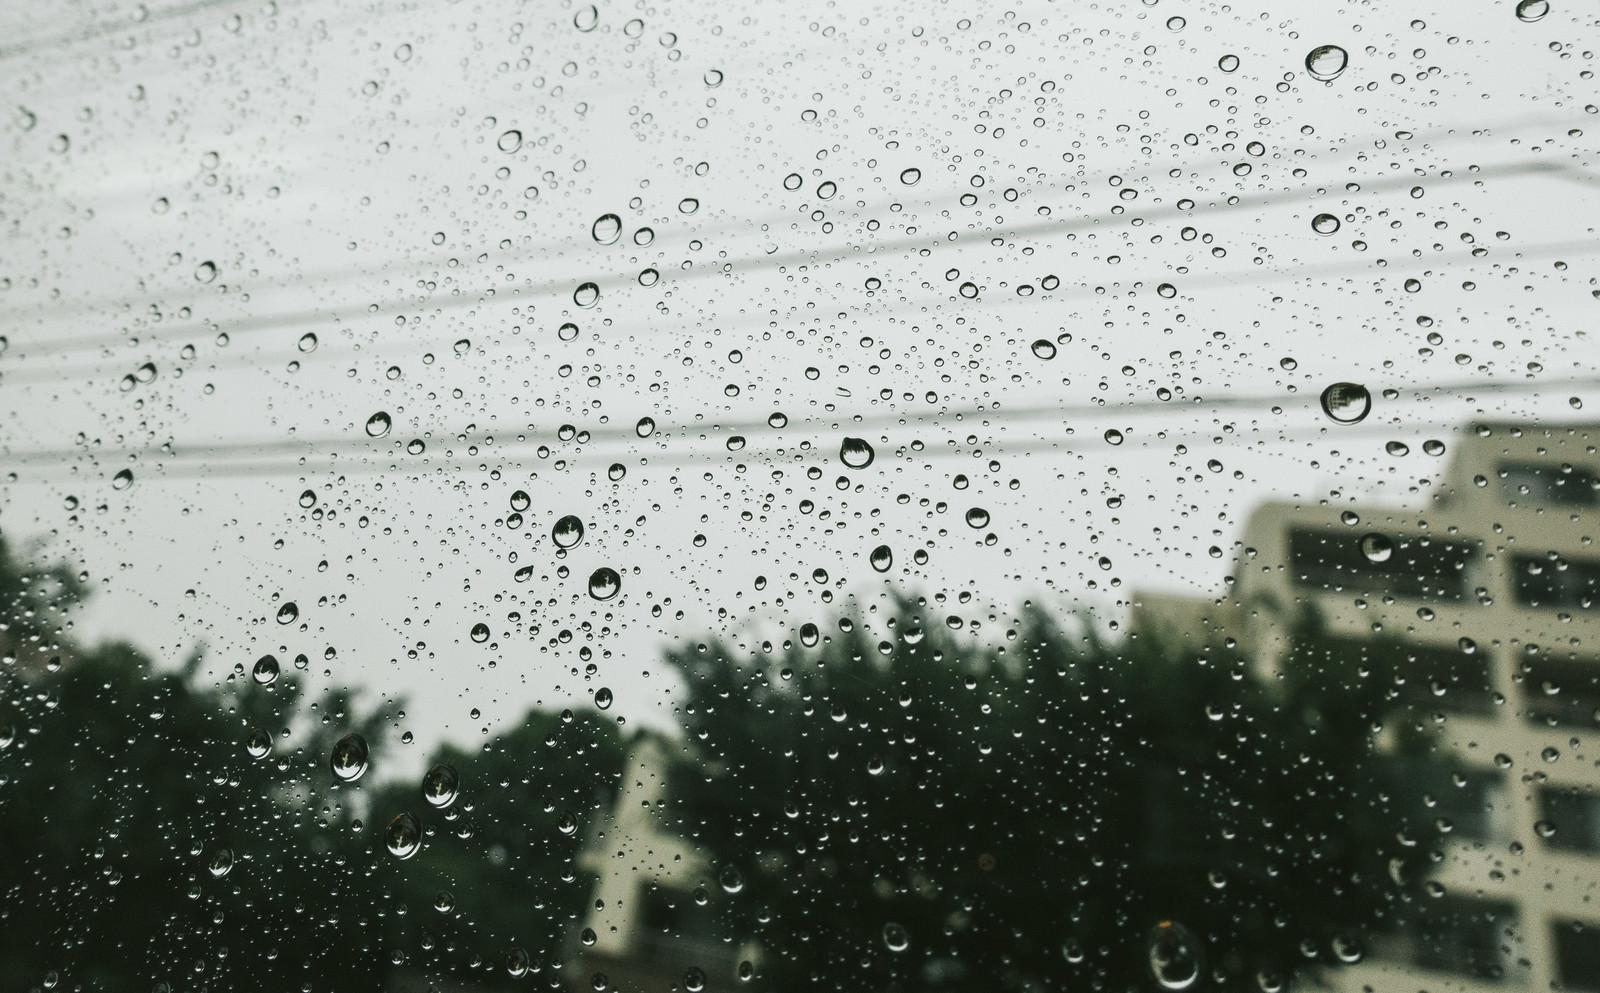 夕方にかけて雨の無料の写真素材(フリー素材)をダウンロード - ぱくたそ